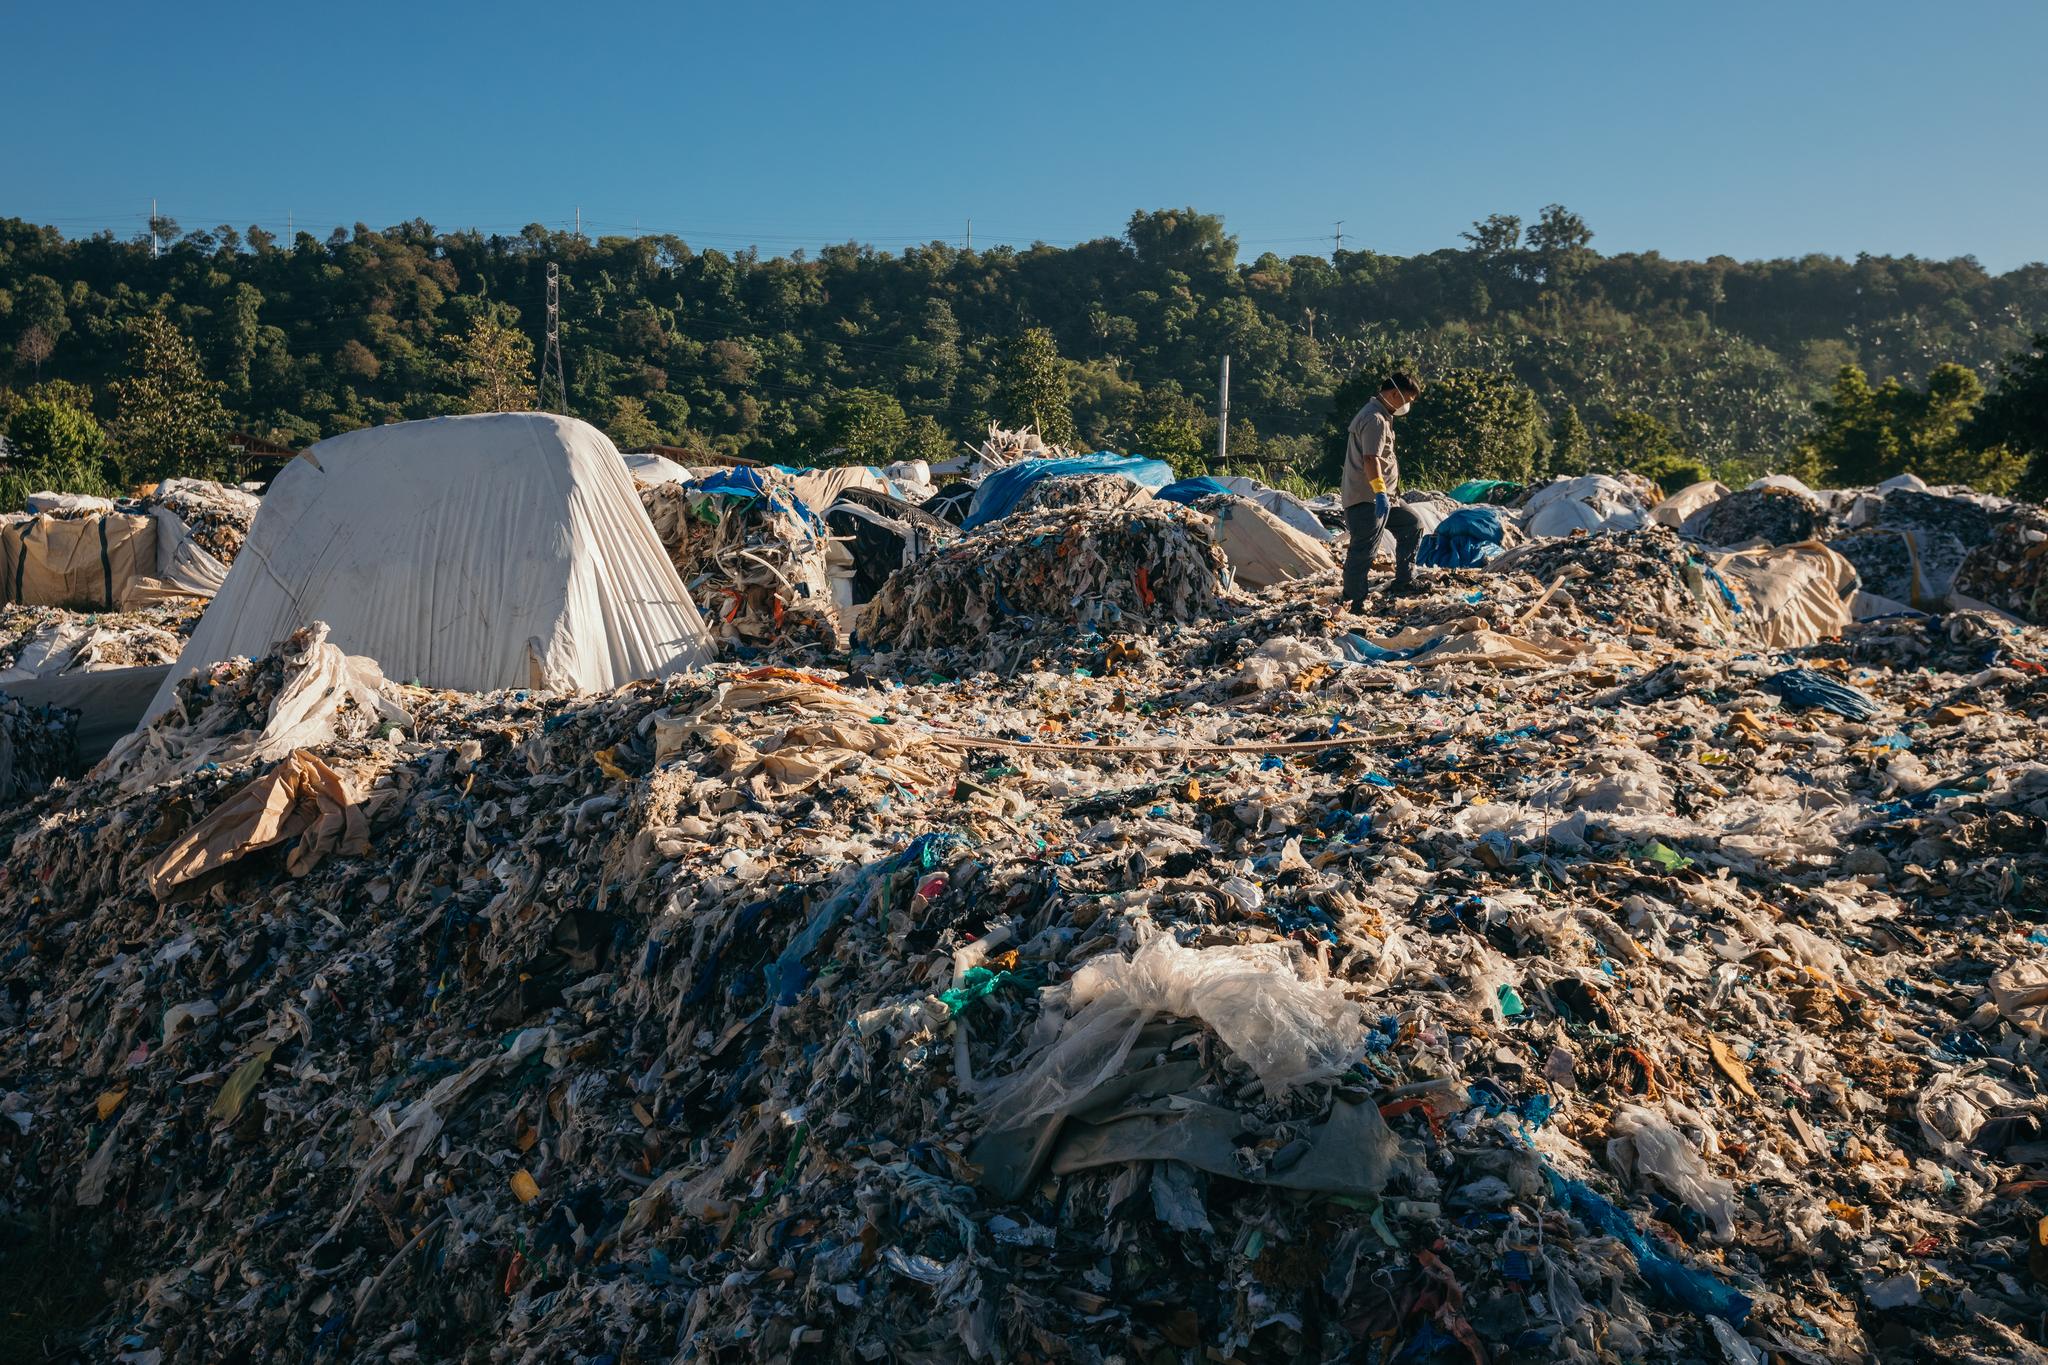 필리핀서 돌아온 한국산 쓰레기 소각 결정…처리비용 10억원